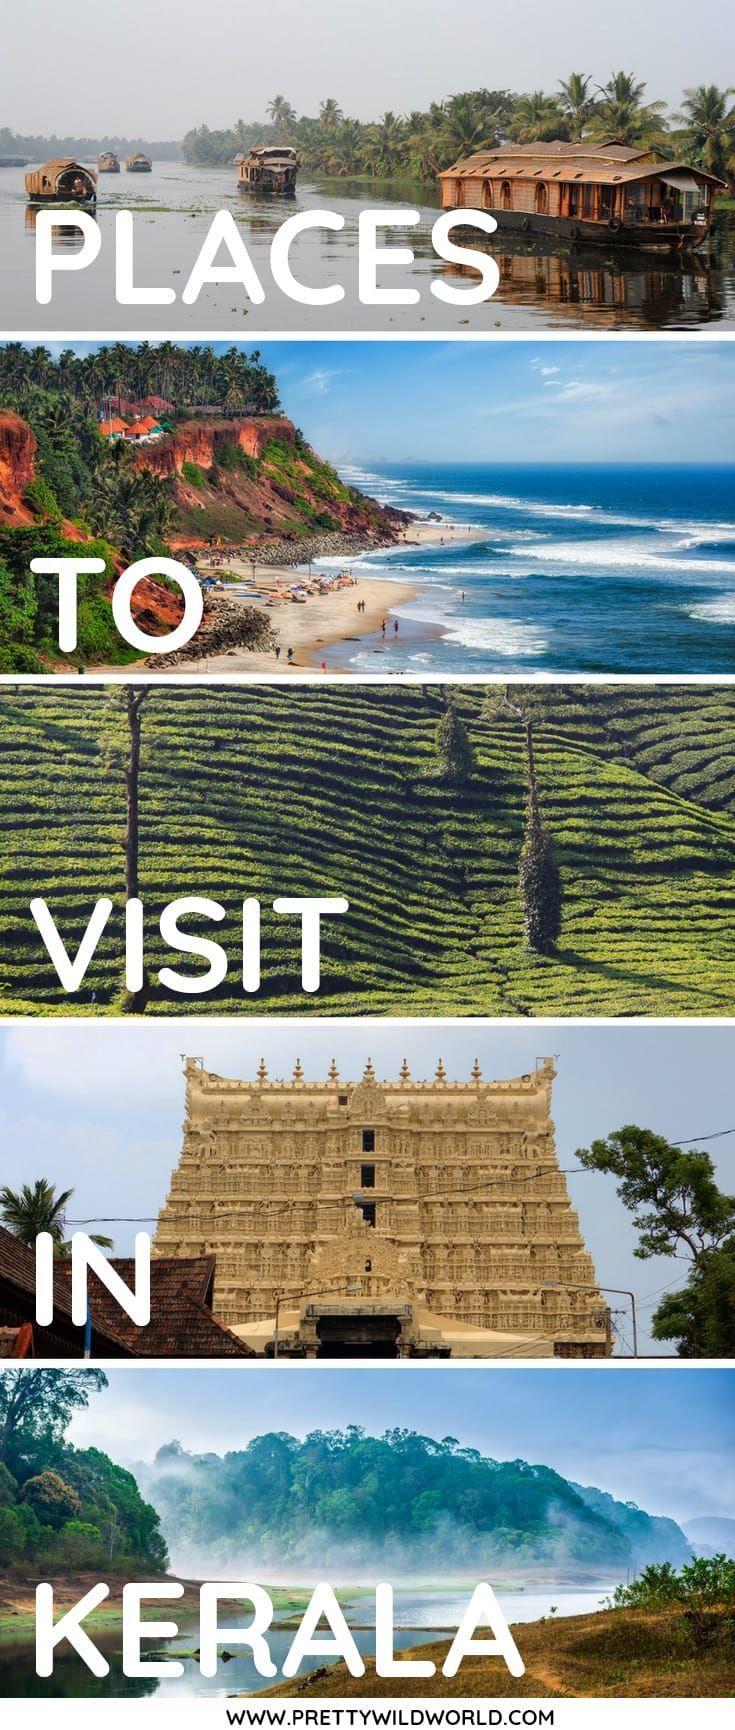 25 B Sta Kerala Tourism Id Erna P Pinterest Kerala Indien Och Munnar